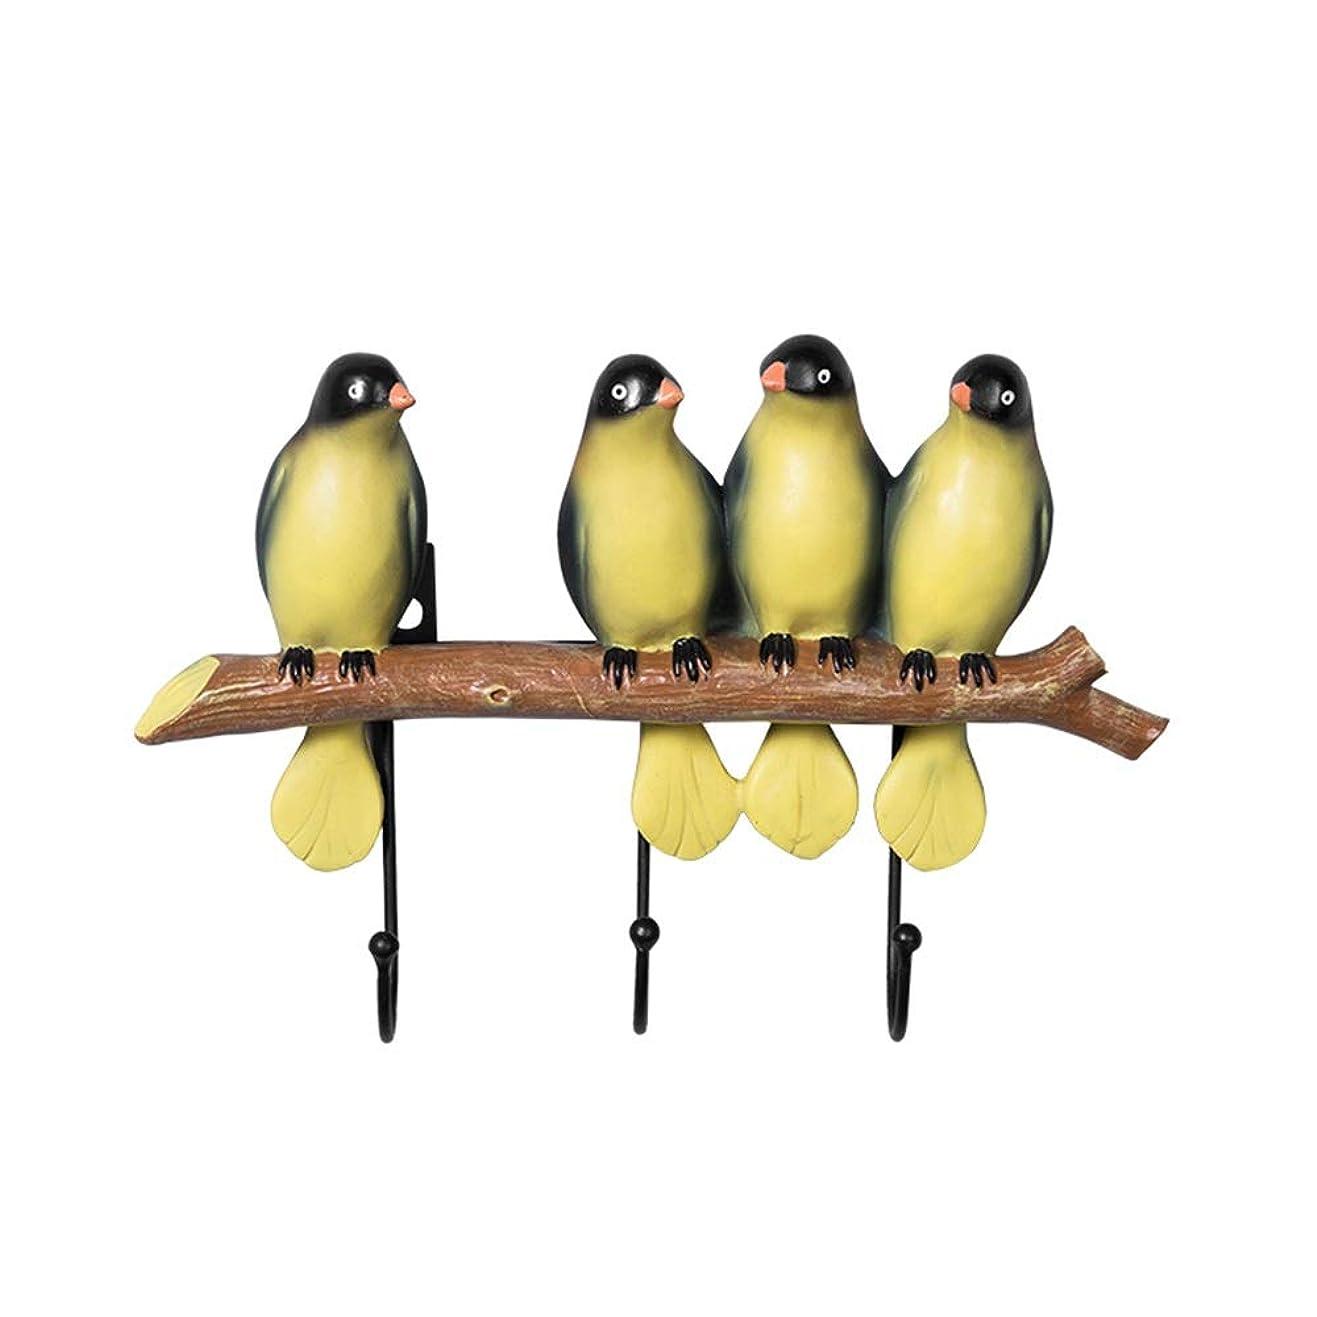 安息宝石メモ壁に取り付けられたコートラック、木の枝の装飾の鳥フックが付いている壁に取り付けられたコートの棚帽子のための衣服の貯蔵のハンガースカーフコートのセーター犬の鎖 (Color : Colored bird, Size : 4 birds)